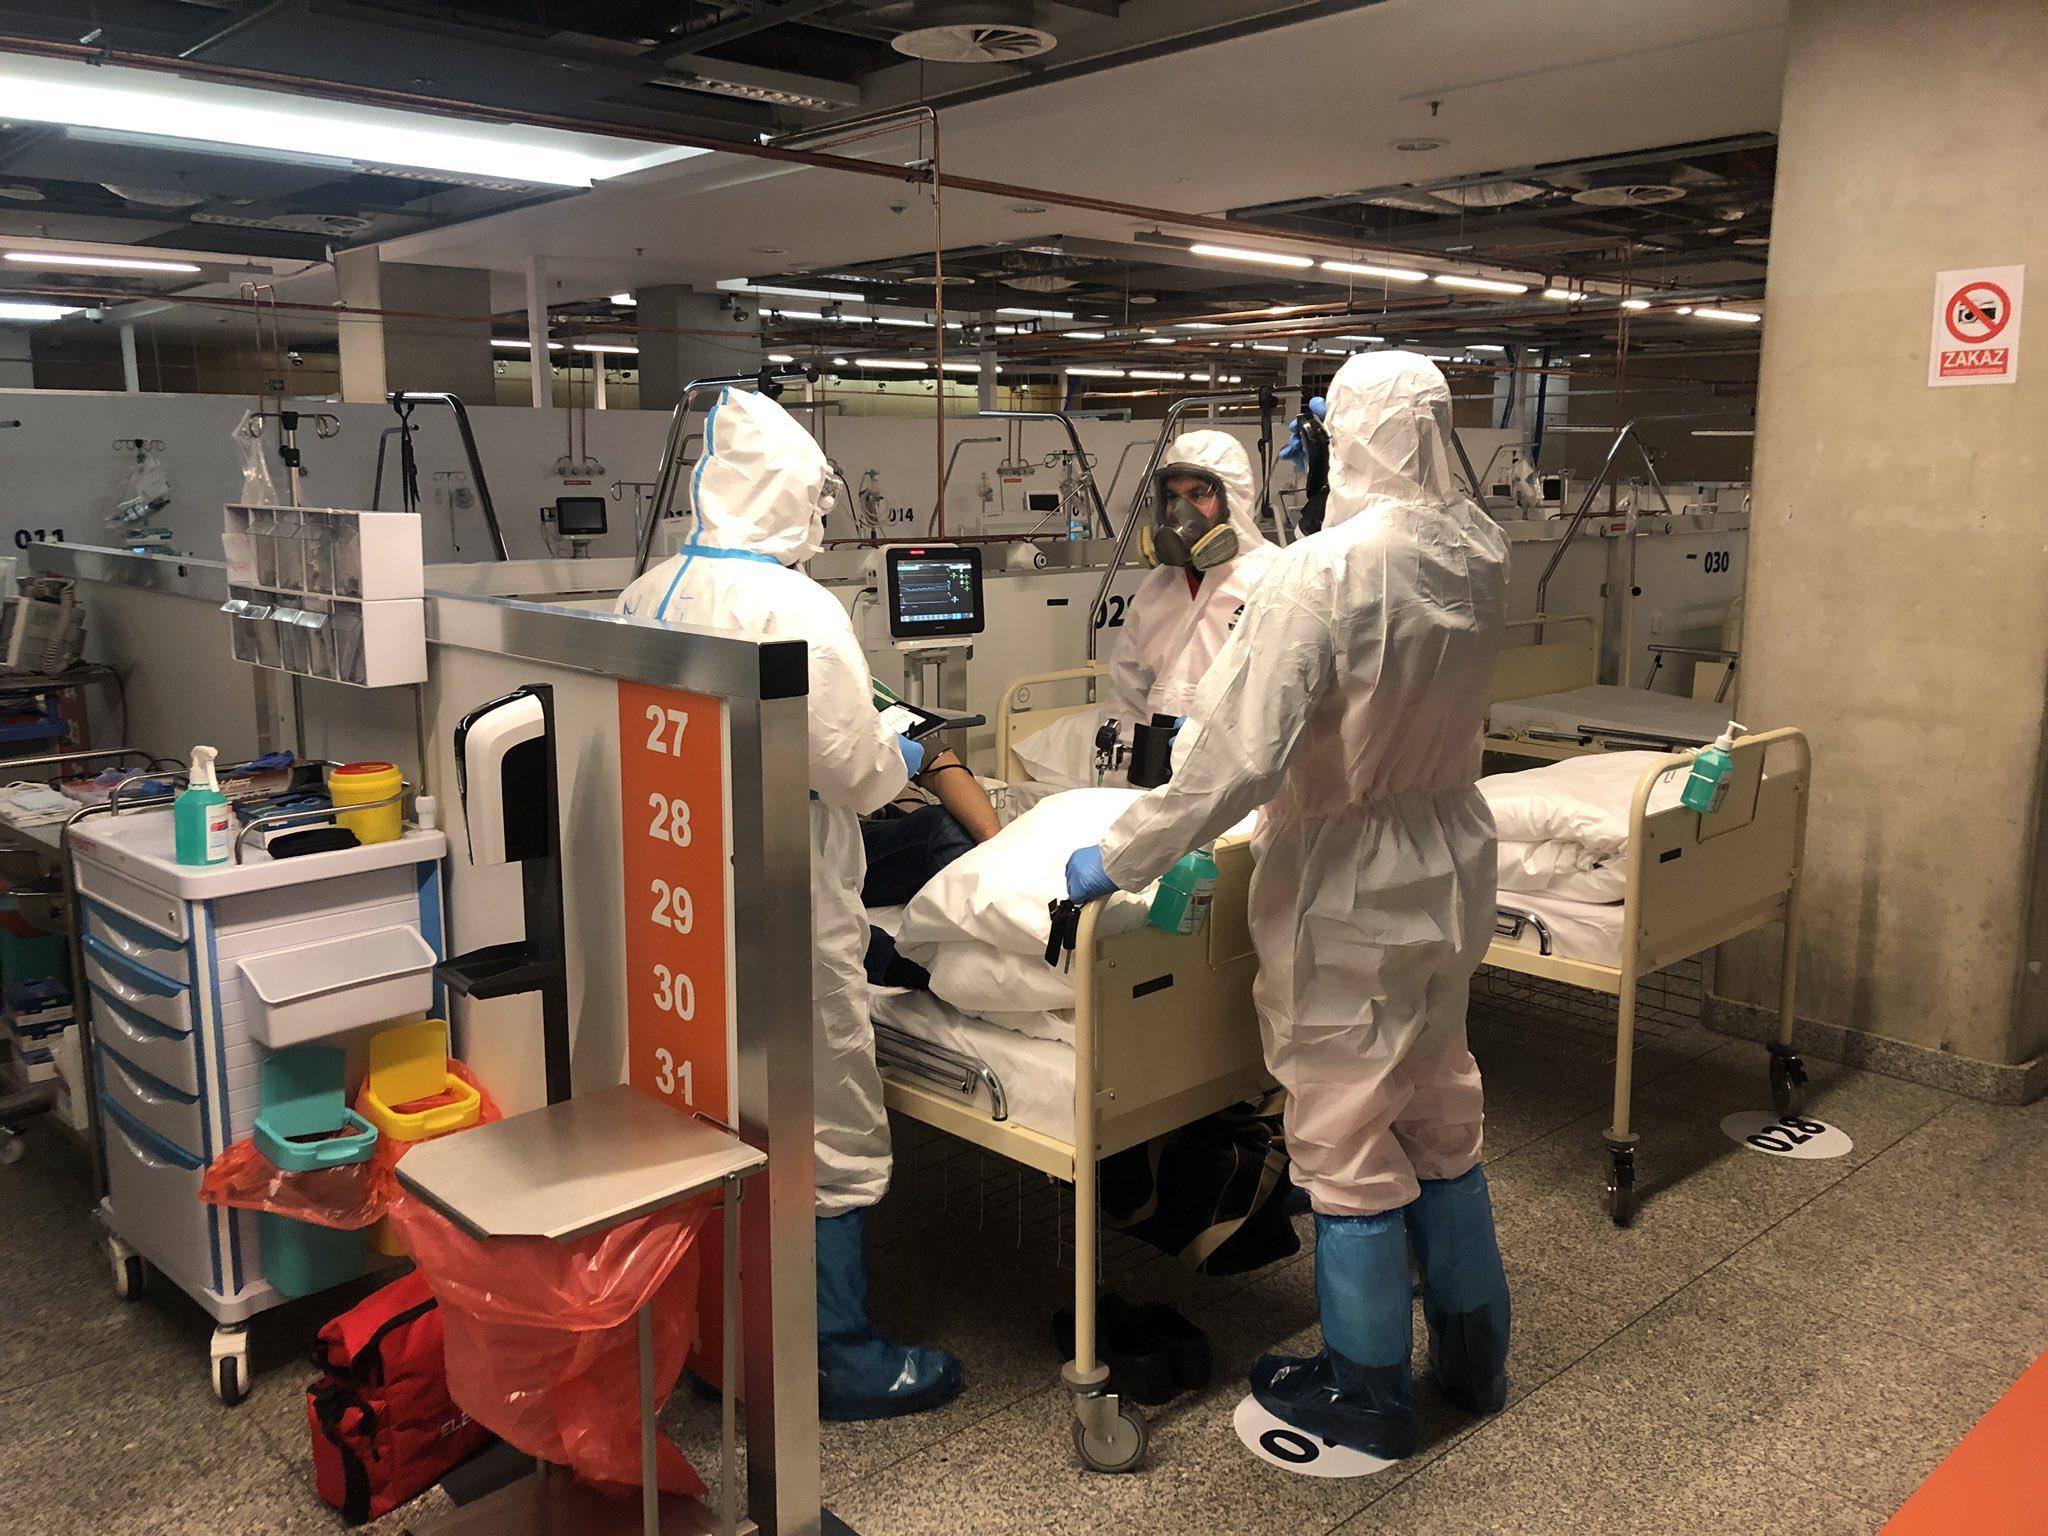 Szpital Narodowy w Warszawie przyjął pacjenta